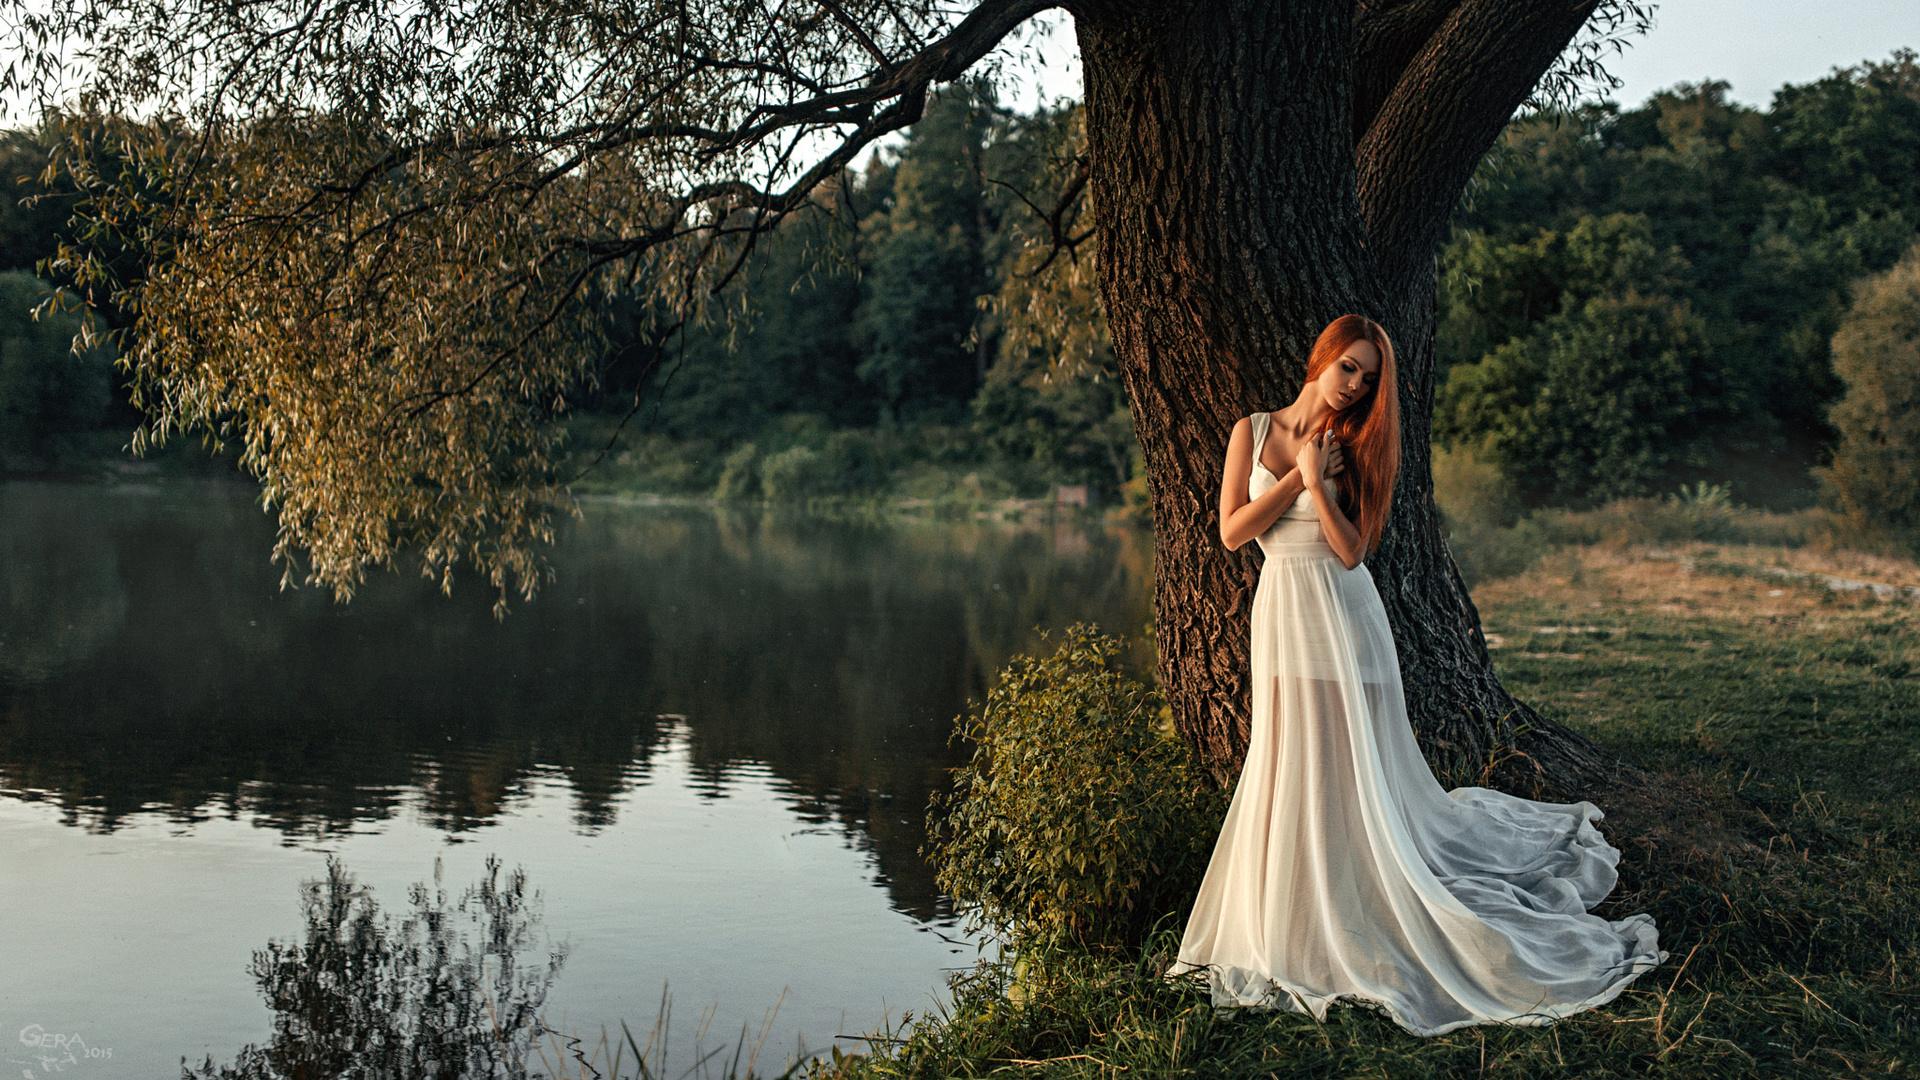 осень позы для фото возле озера весной итальянец апулии